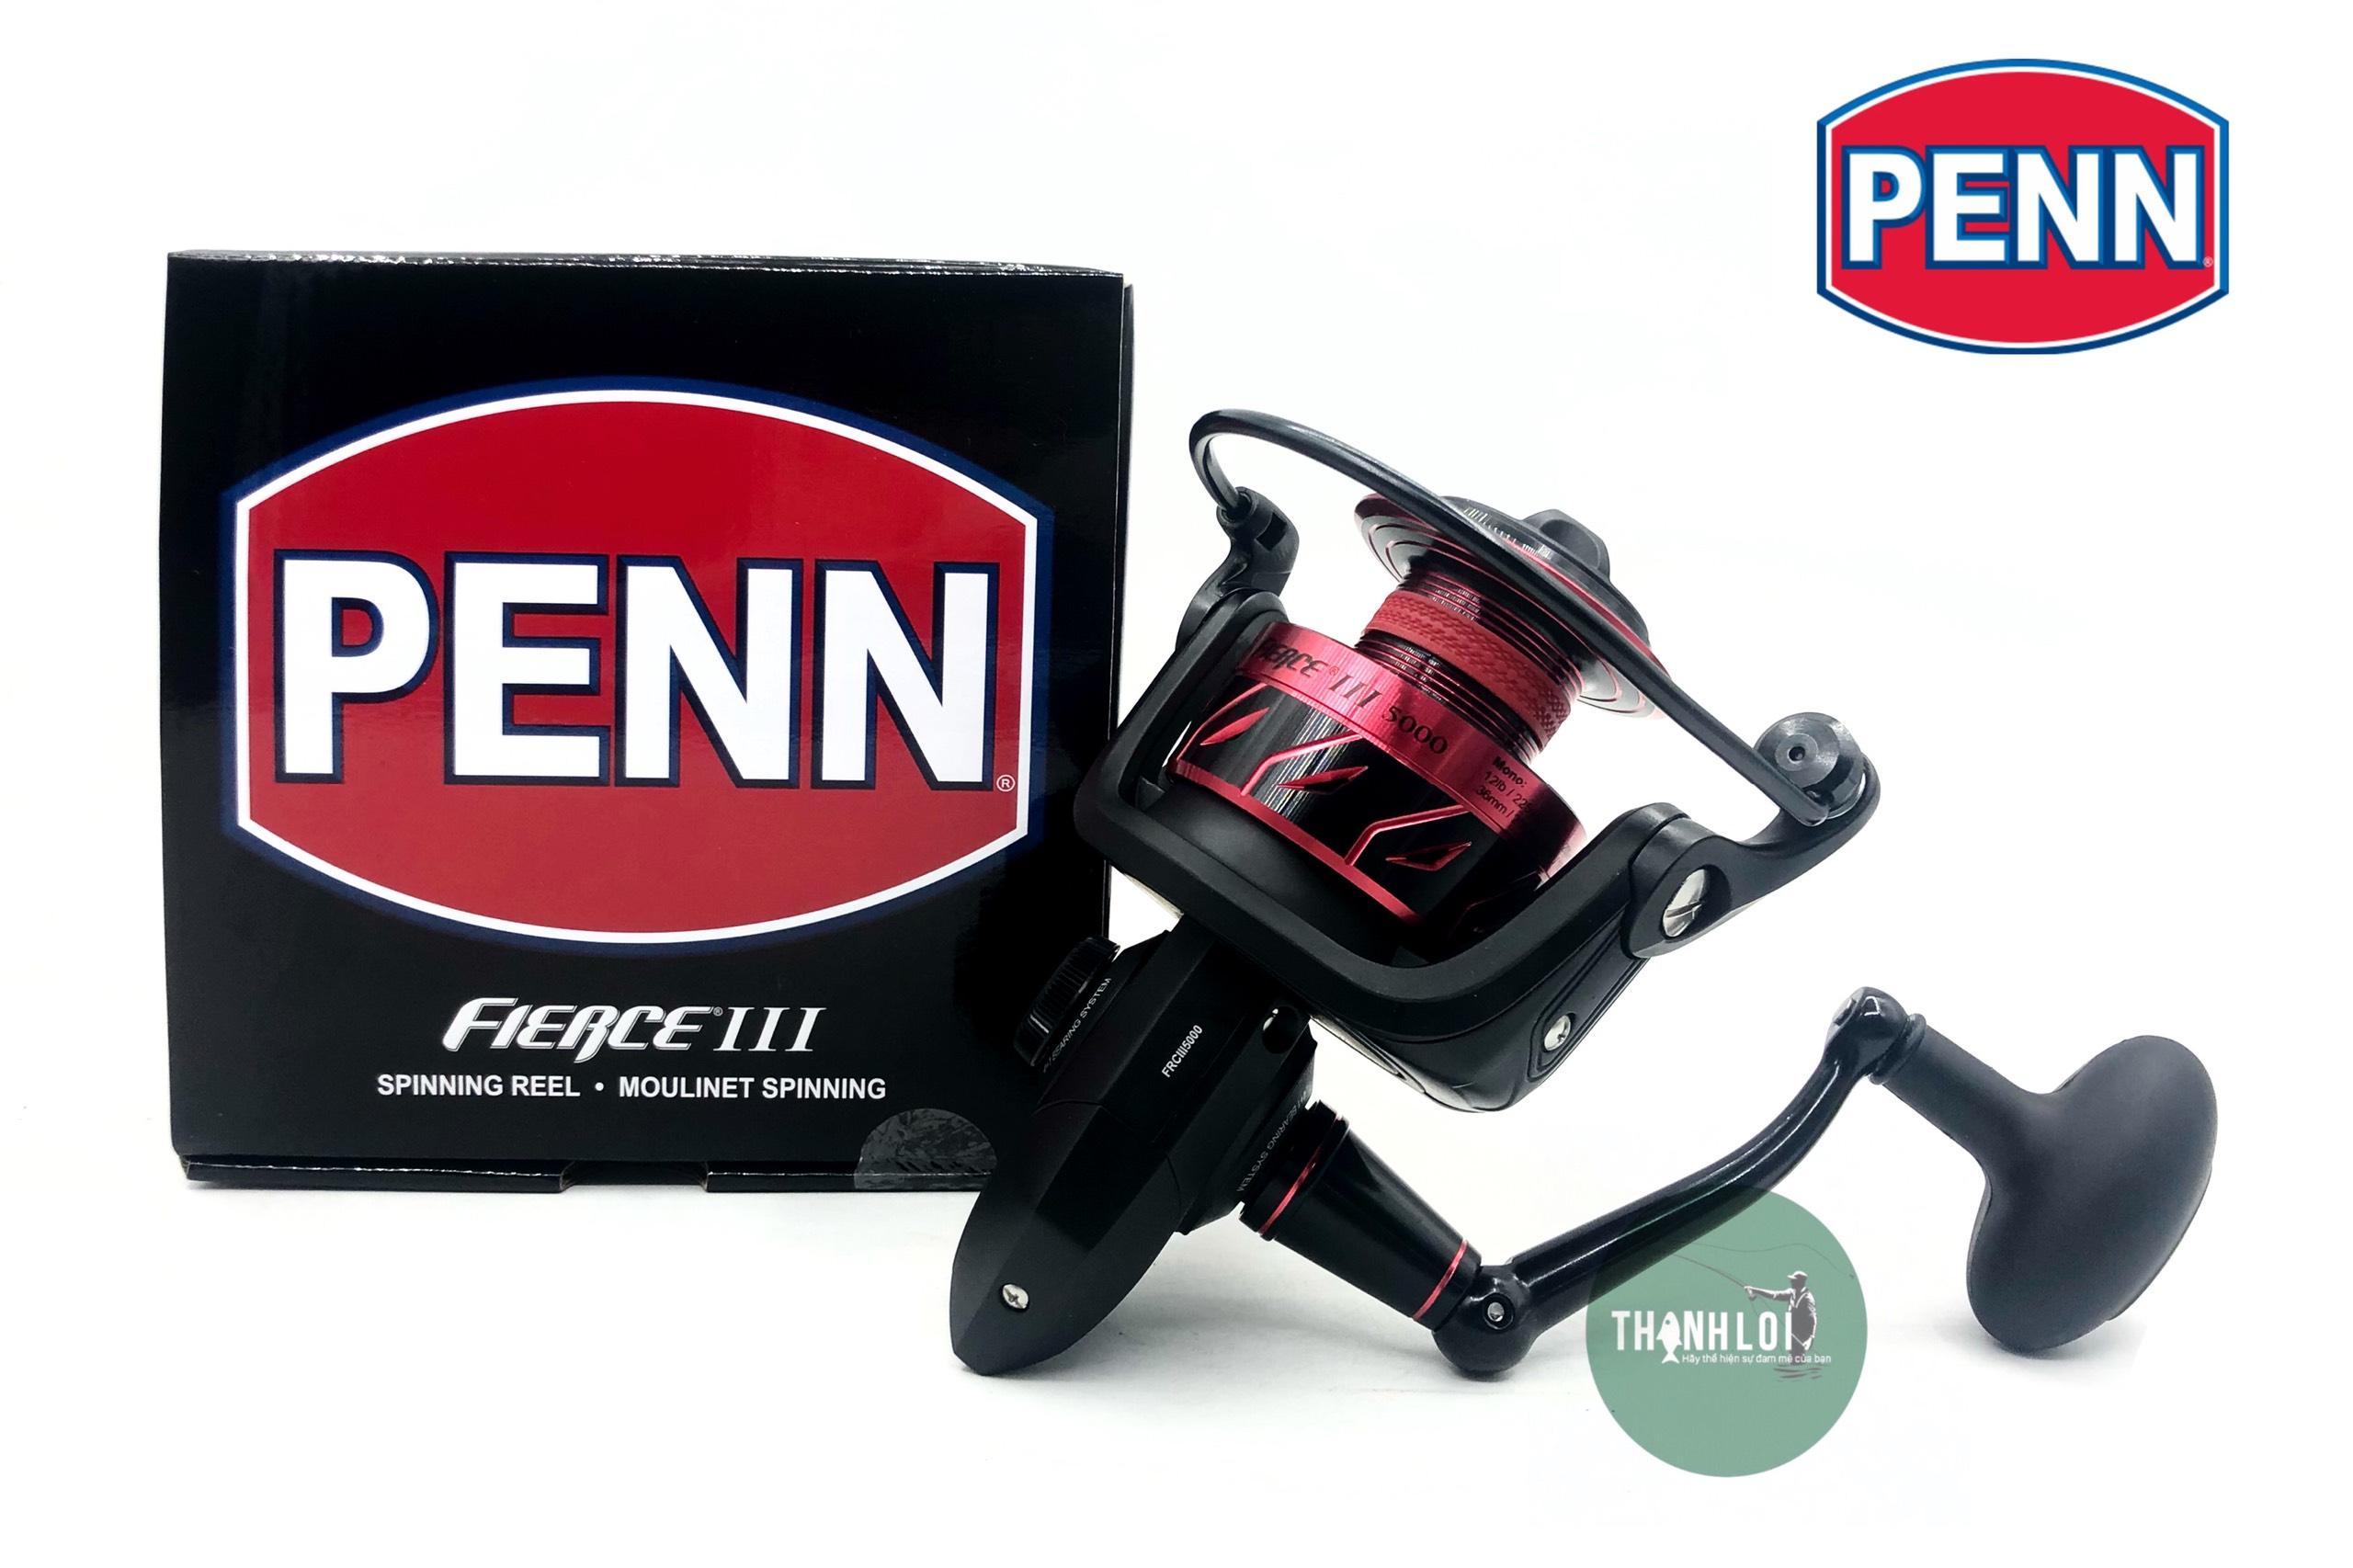 Máy Penn FRC 3